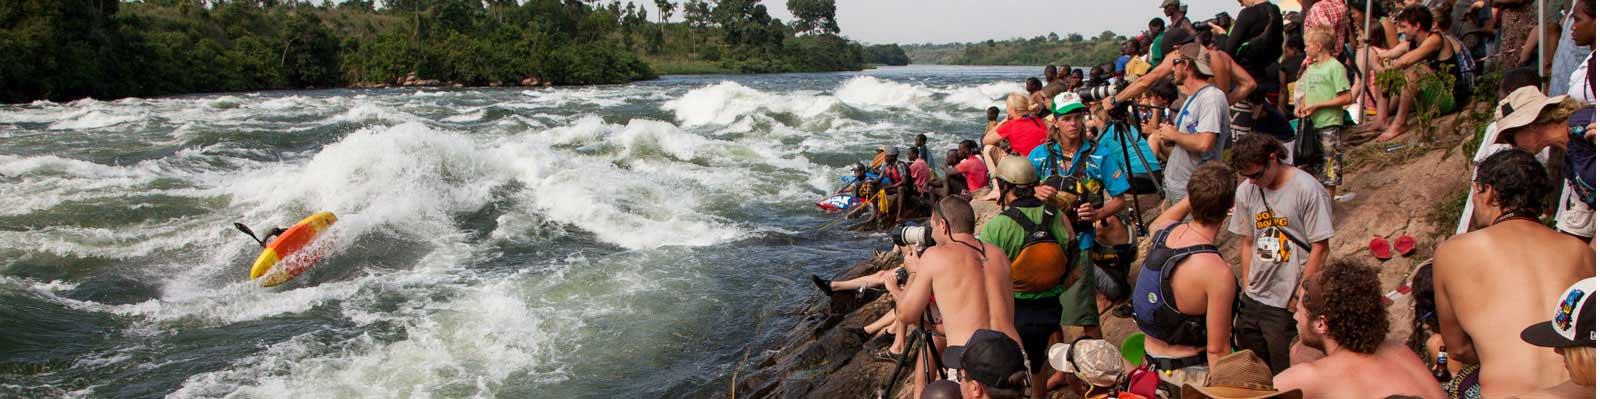 Nile River clipart uganda Festival River Nile Kayak the